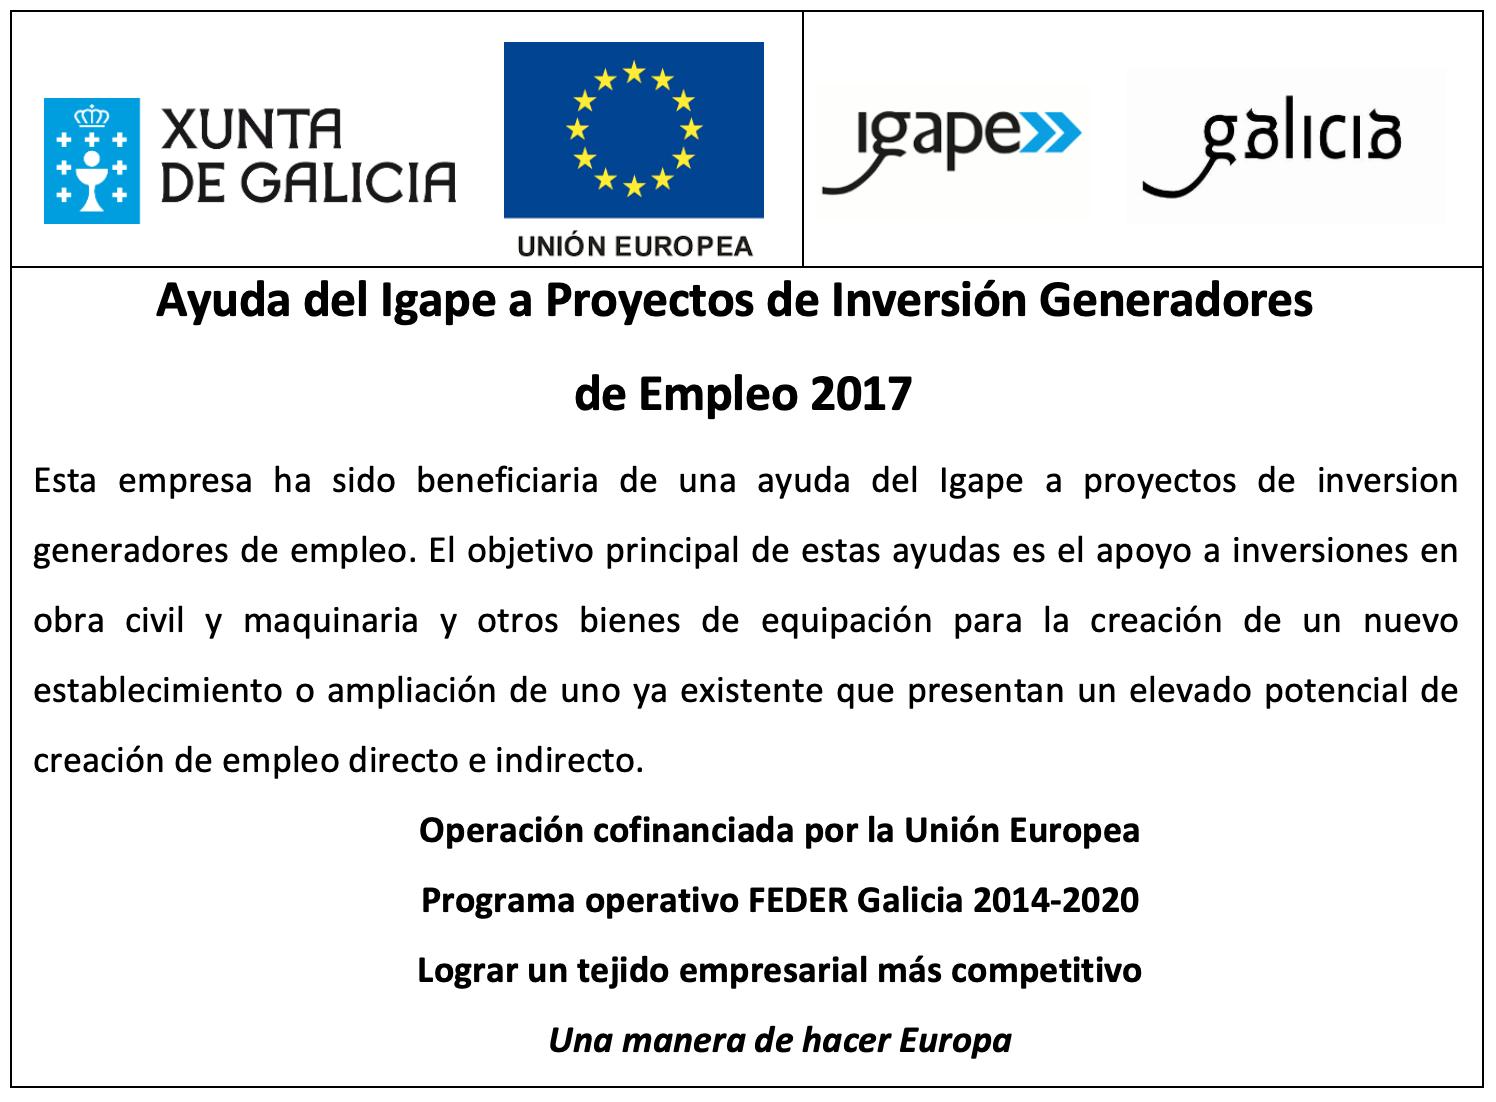 Foto Ayuda del Igape a Proyectos de Investigación Generadores de Empleo 2017